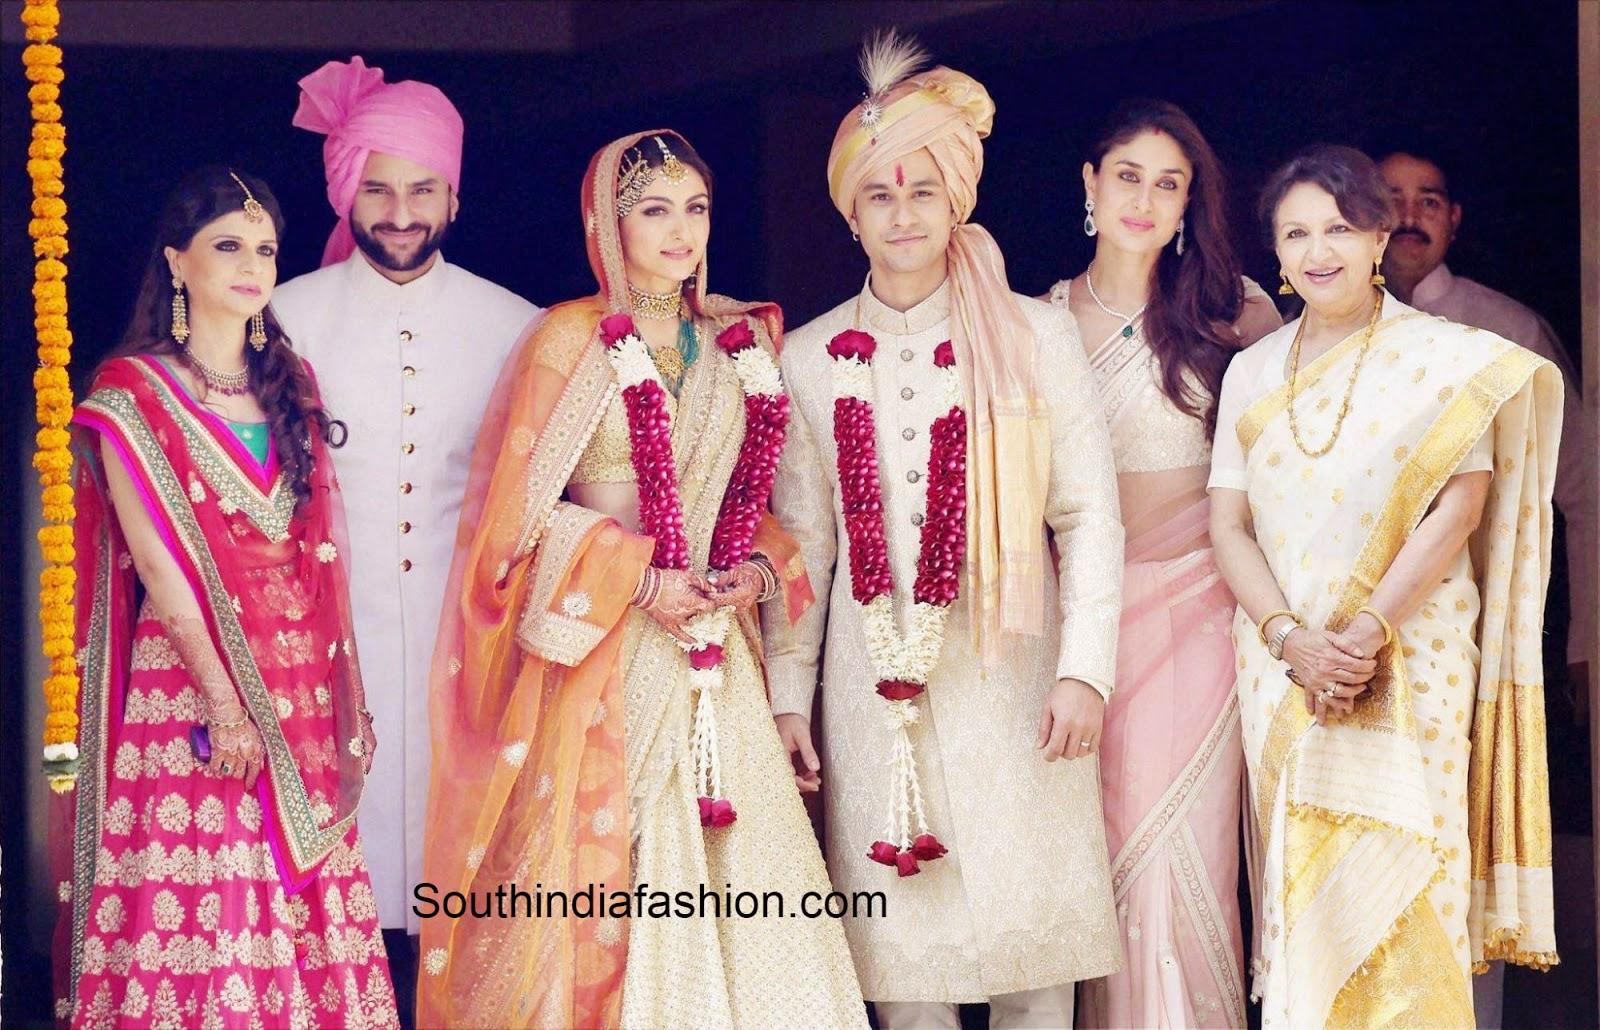 Soha Ali Khan  Kunal Khemu wedding photos